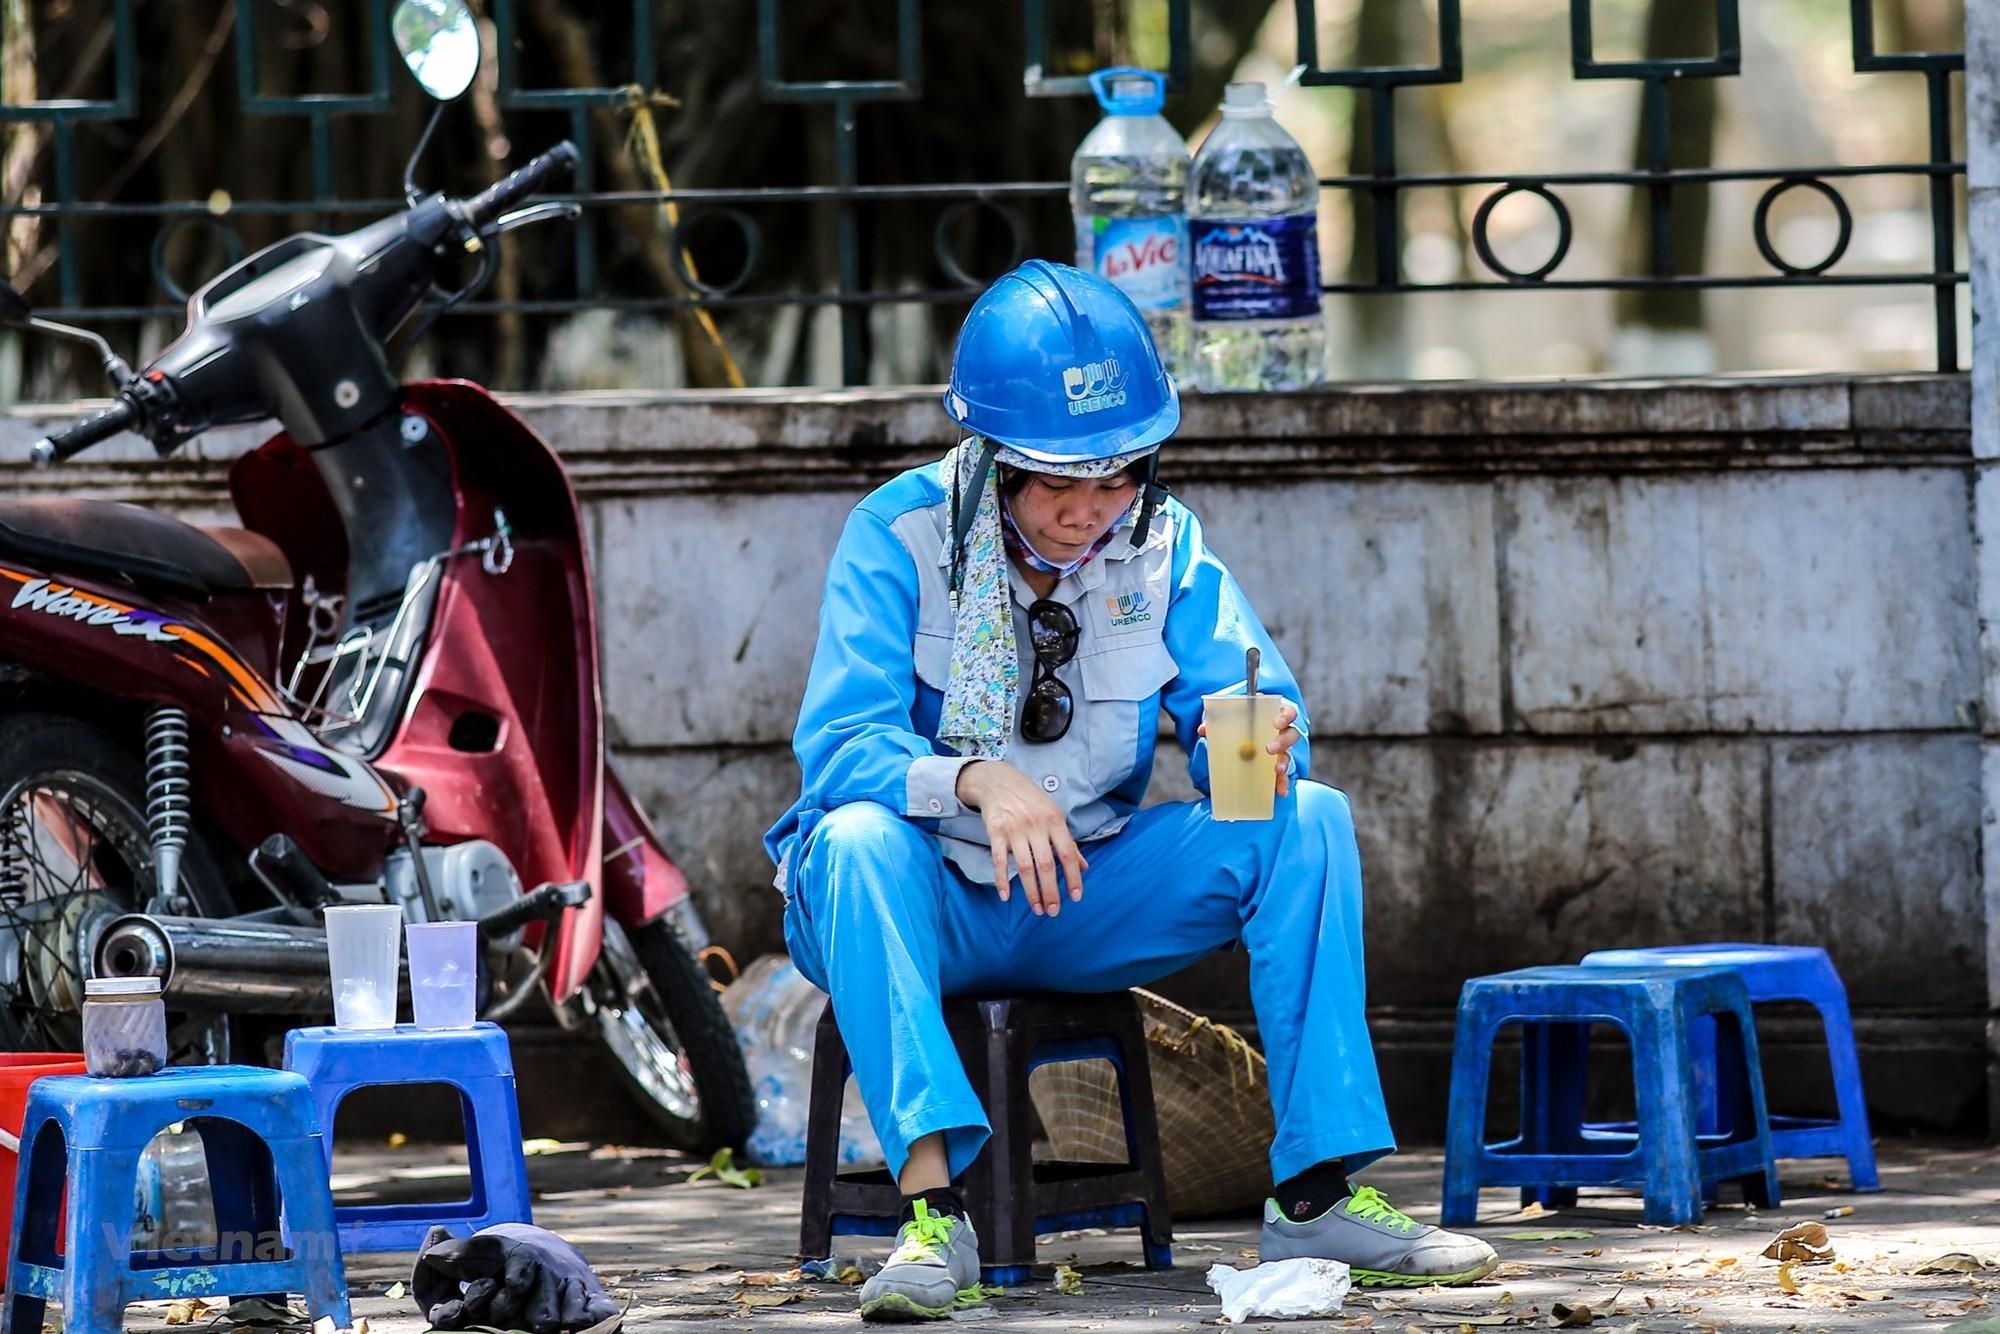 Hà Nội: Hơn 10 nghìn lao động mất việc hàng tháng nếu dịch bệnh diễn biến theo kịch bản xấu